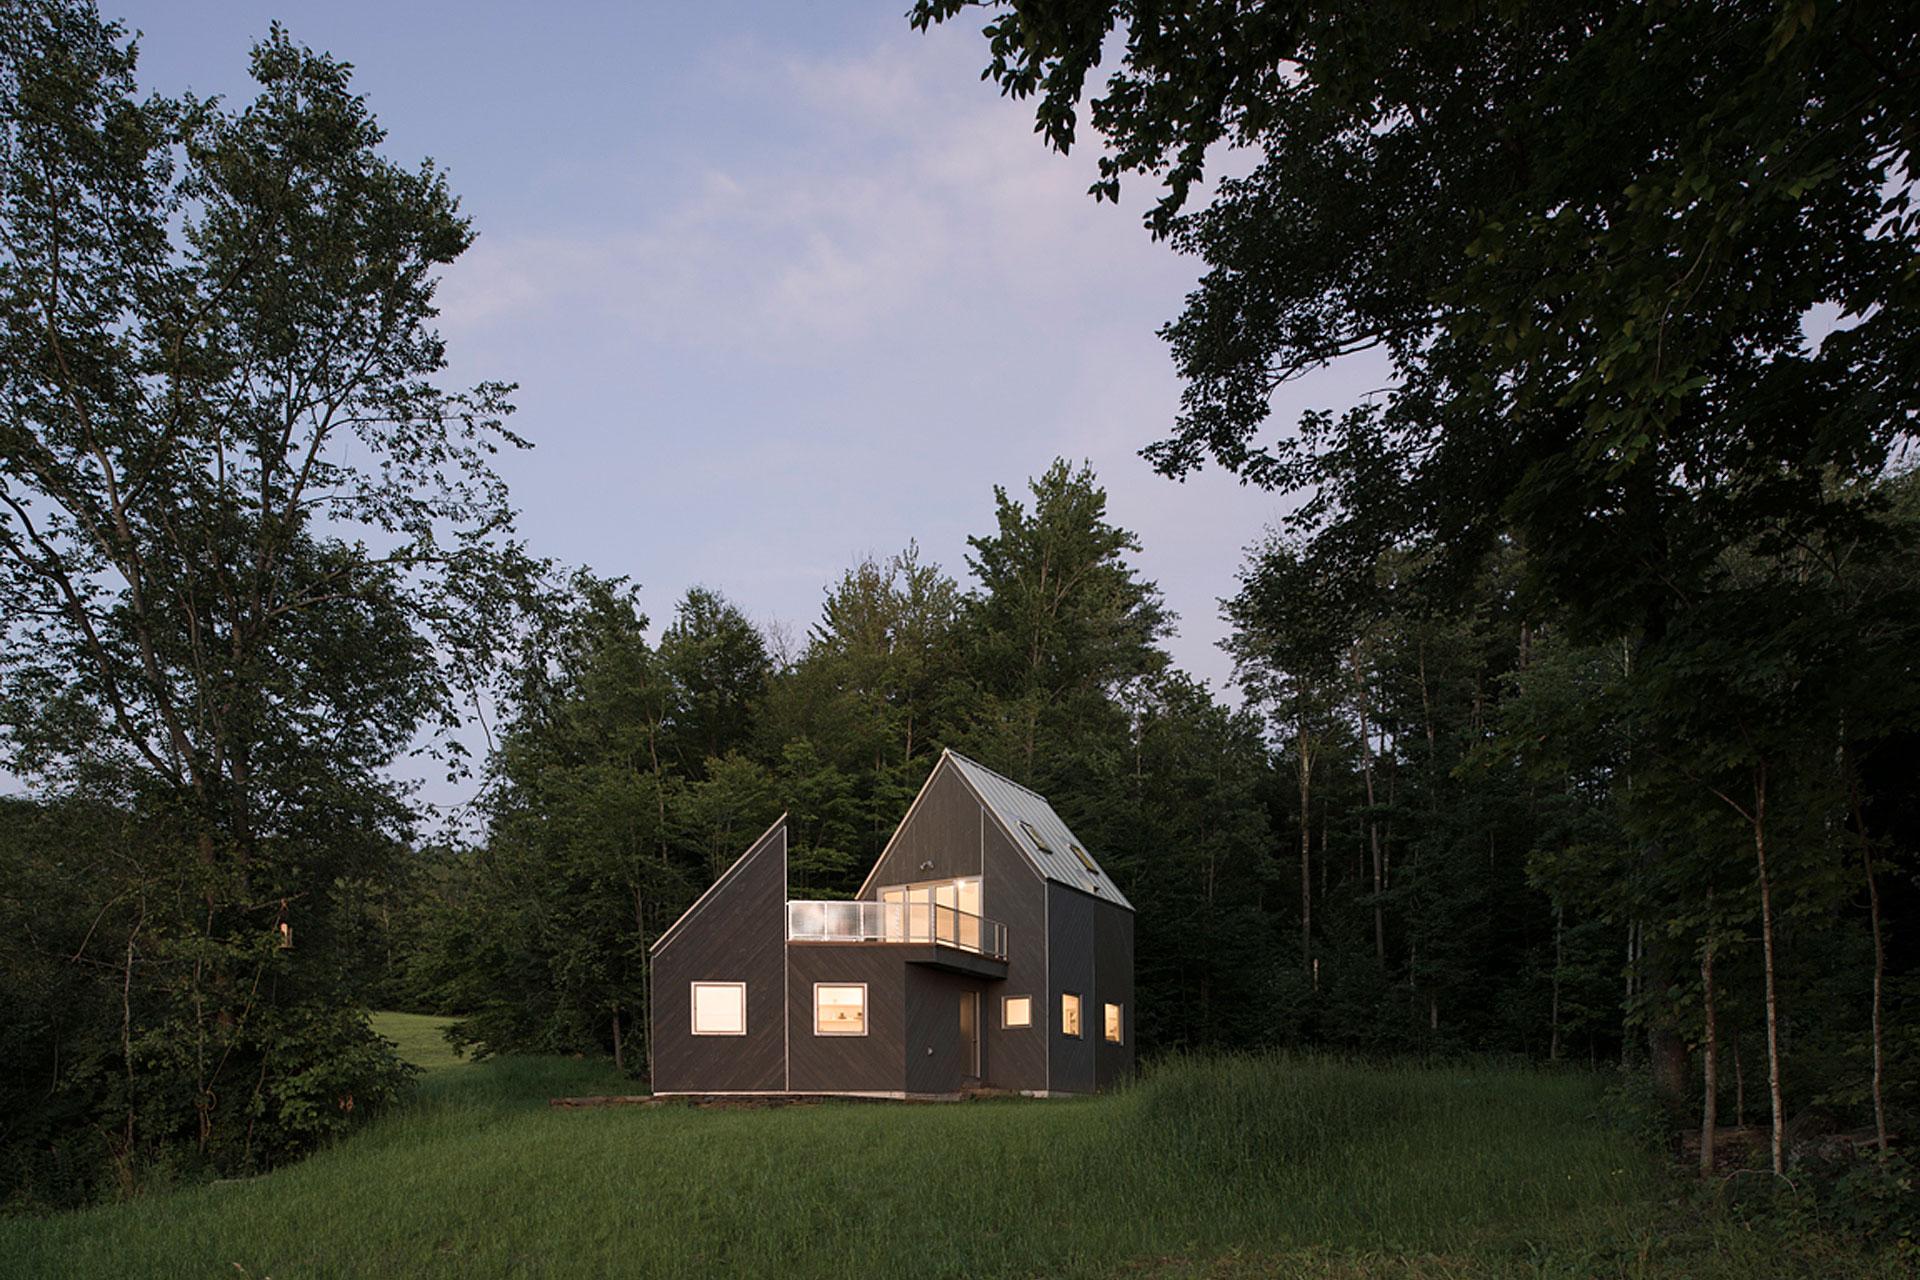 Tunbridge House & Studio